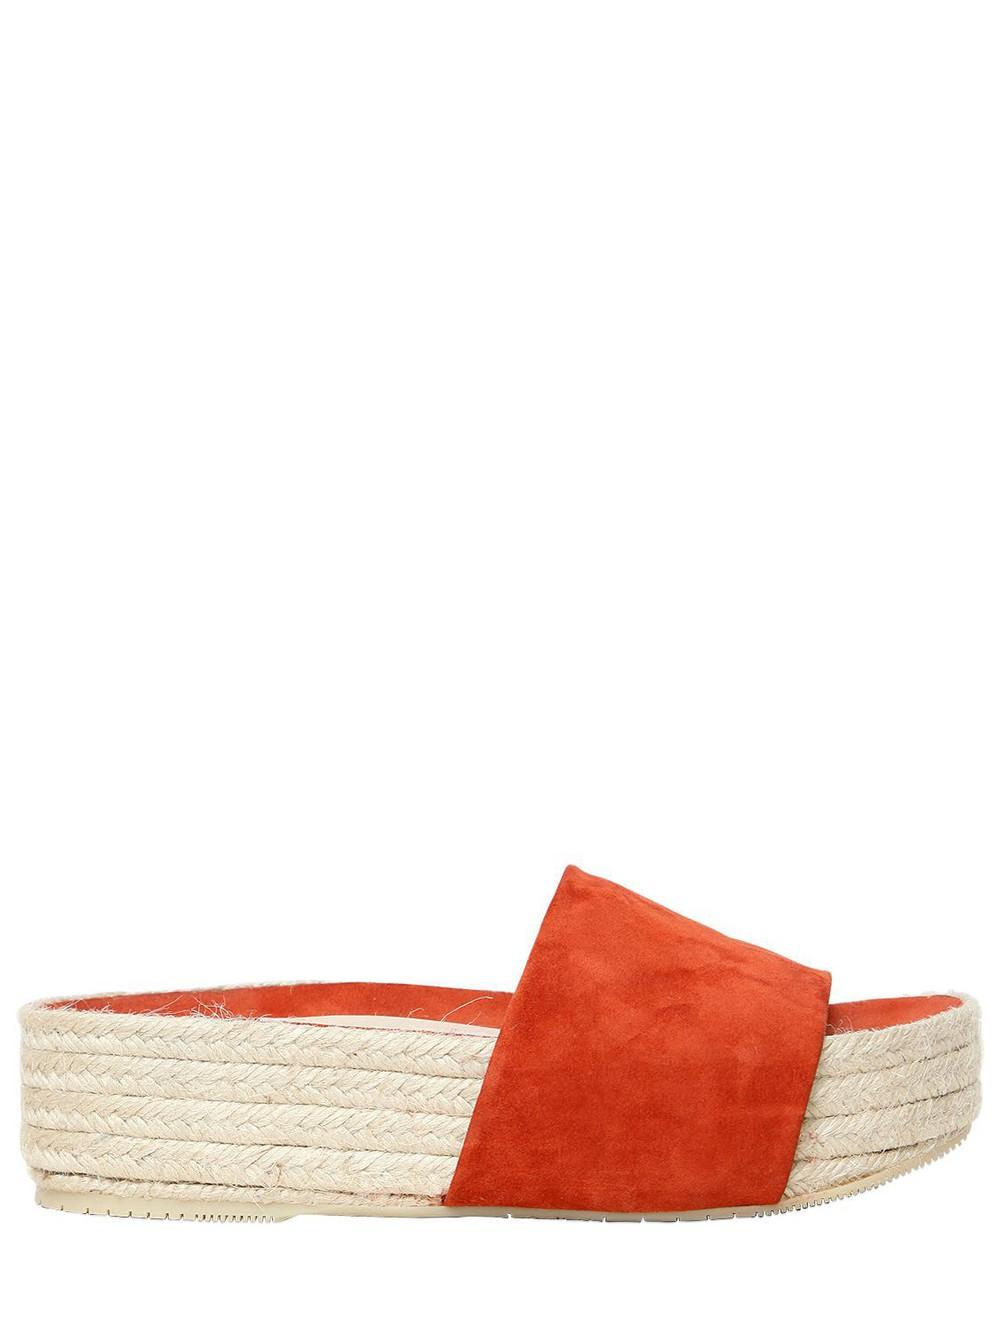 PALOMA BARCELÒ 40mm Platform Suede Sandals in tan